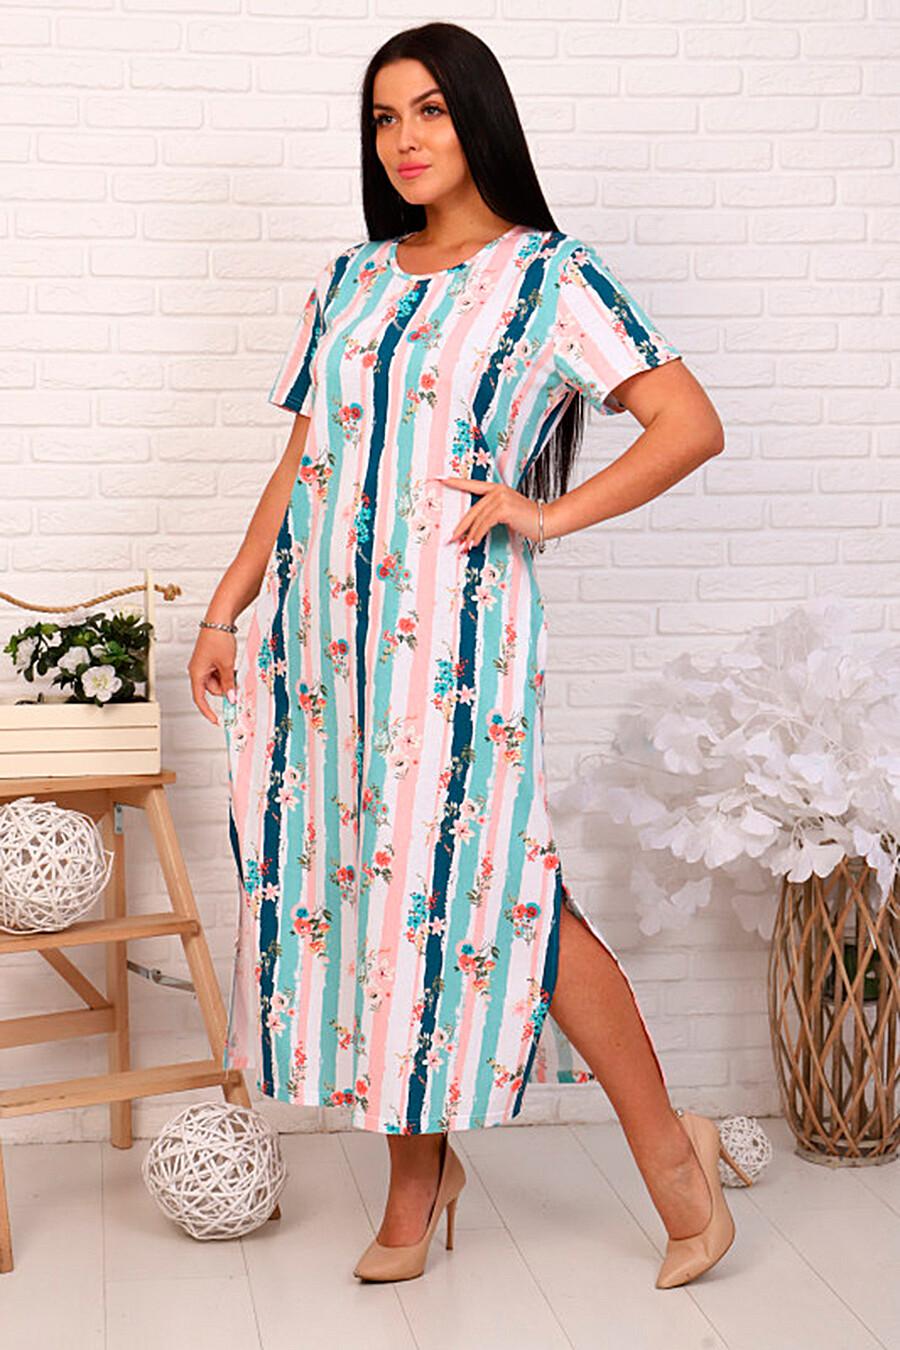 Сарафан для женщин SOFIYA37 668359 купить оптом от производителя. Совместная покупка женской одежды в OptMoyo